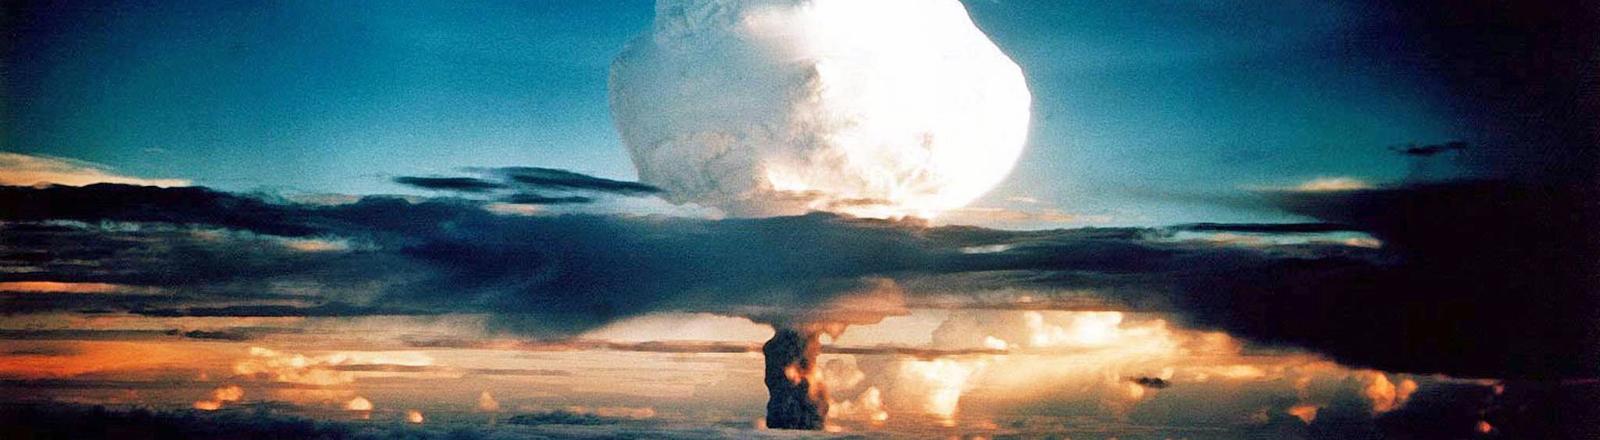 Am 1. November 1952 zündeten die USA auf einem Atoll der Marshall-Inseln im Pazifik die erste Wasserstoffbombe.